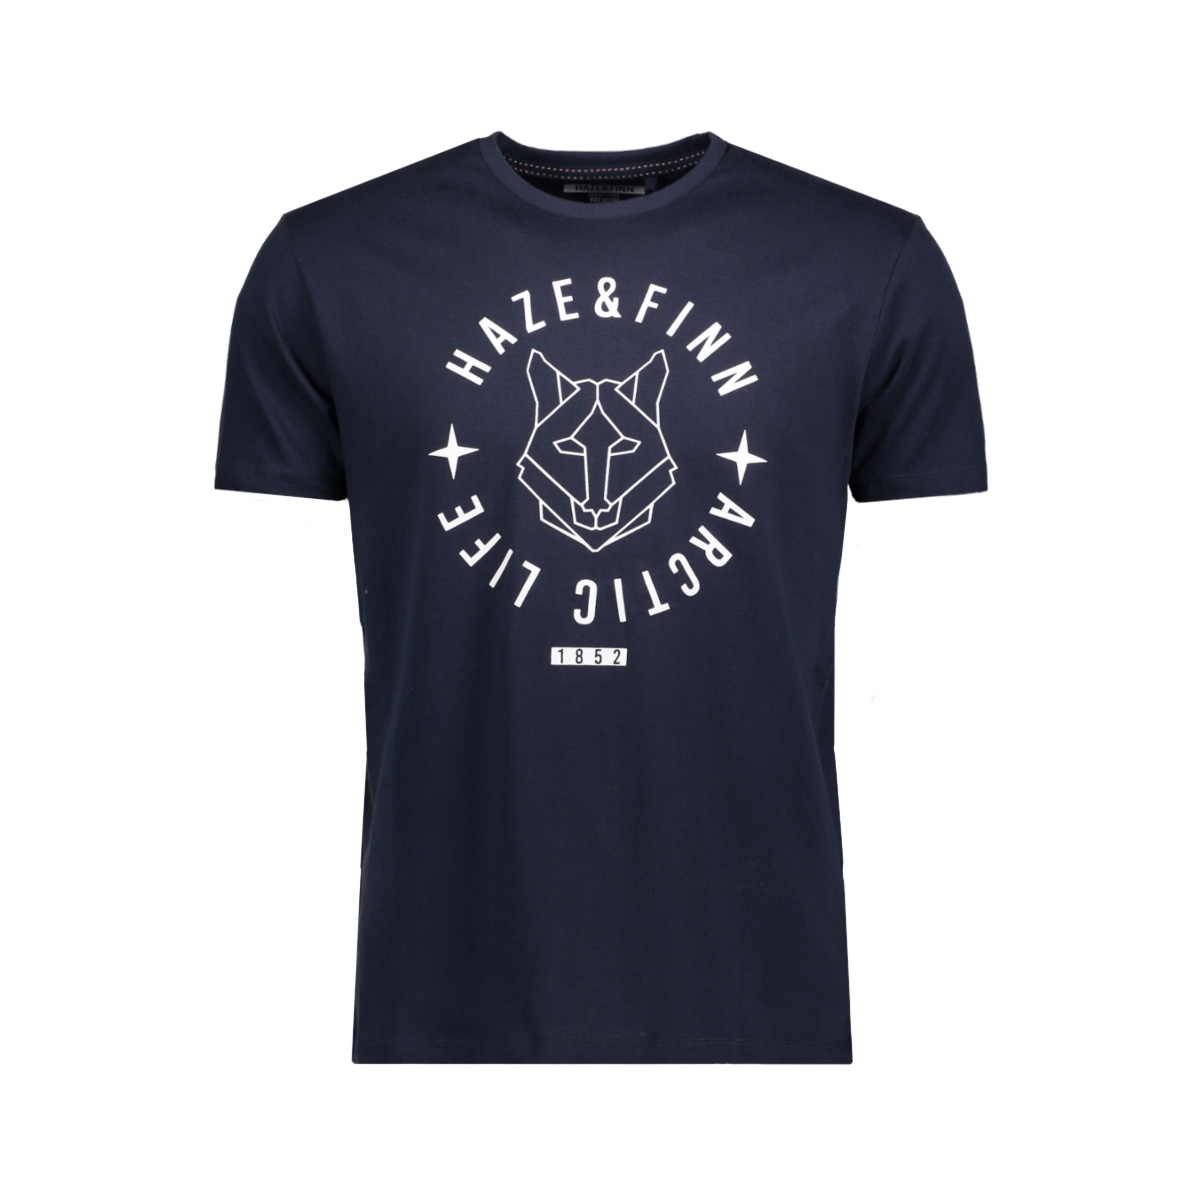 mu100007 haze & finn t-shirt navy